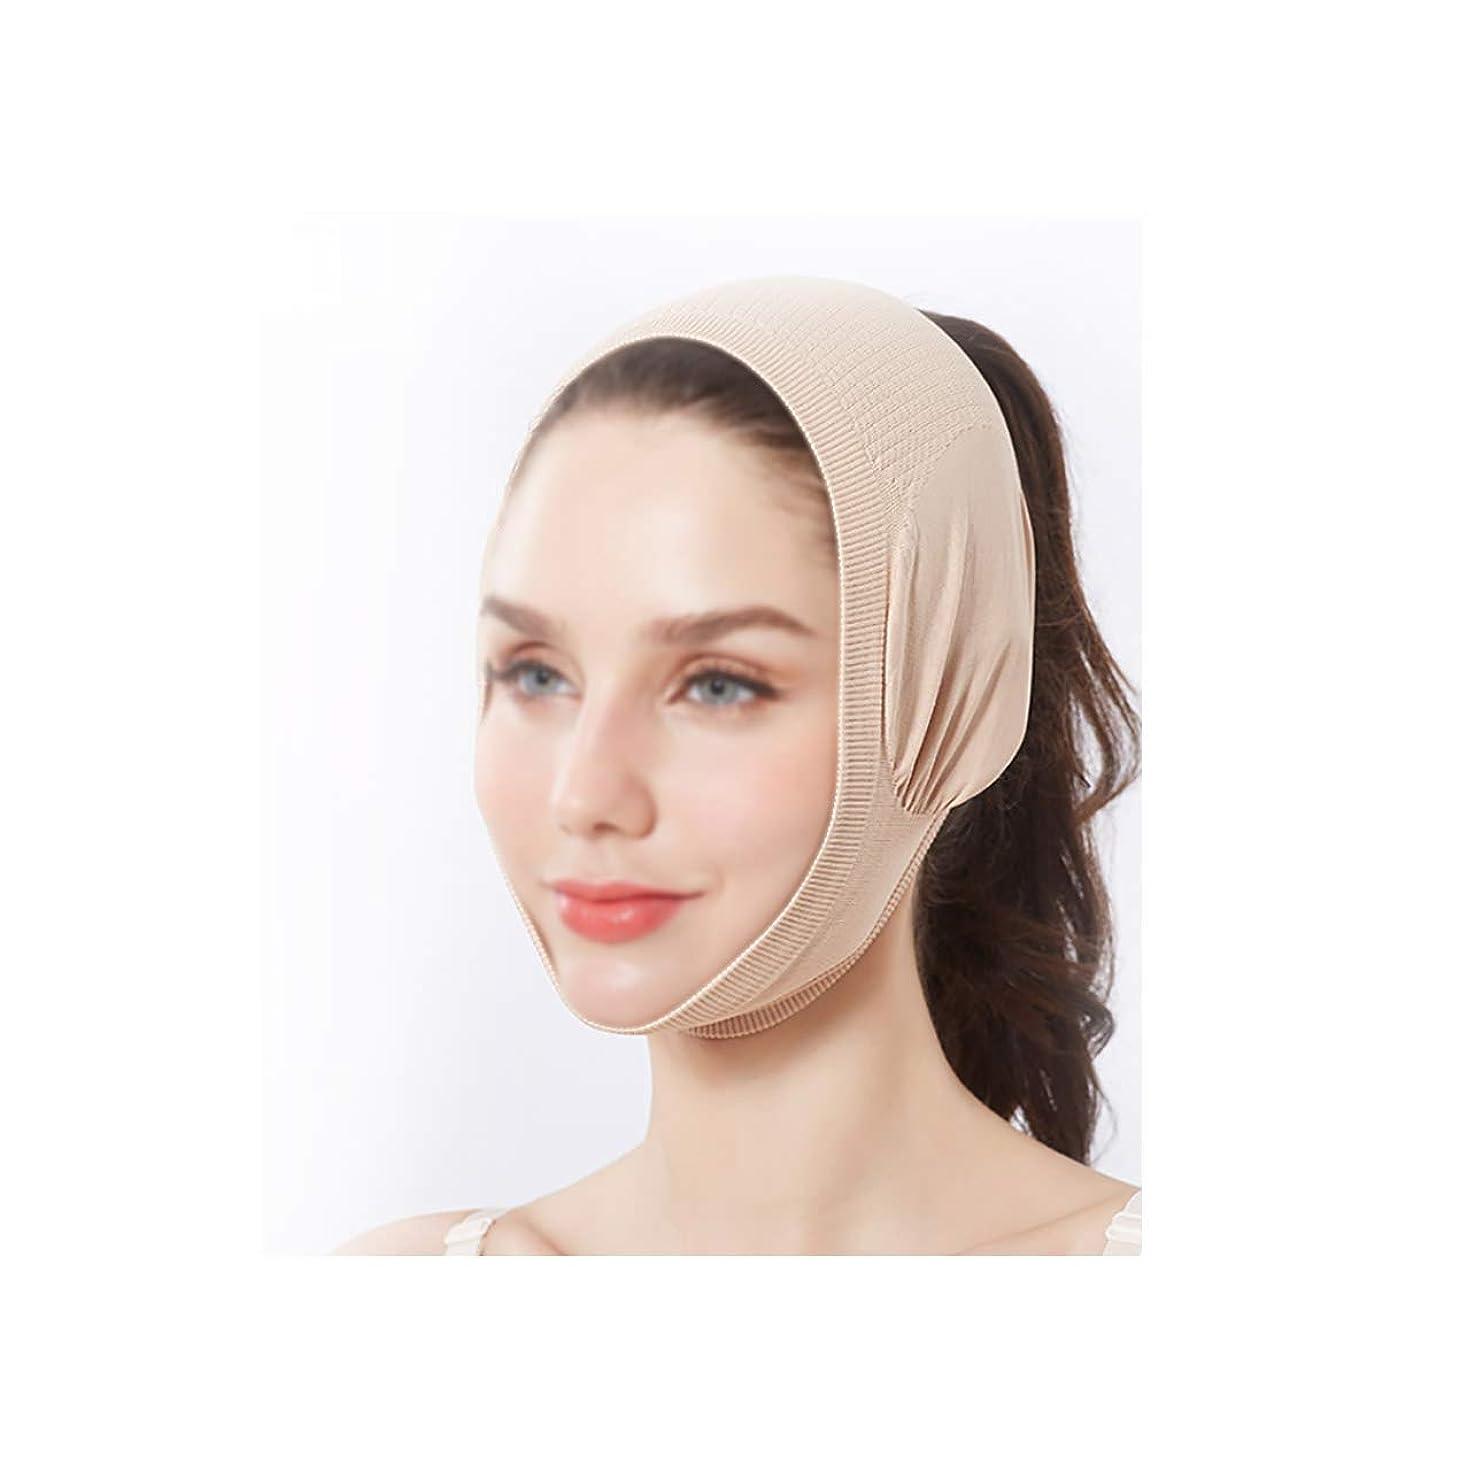 クリーナー立ち向かう礼儀TLMY フェイスリフトマスクマスクエクステンション強度フェースレス包帯フェイシャルラージVライン彫刻フェイシャルバックカバーネックバンド 顔用整形マスク (Color : Skin tone)